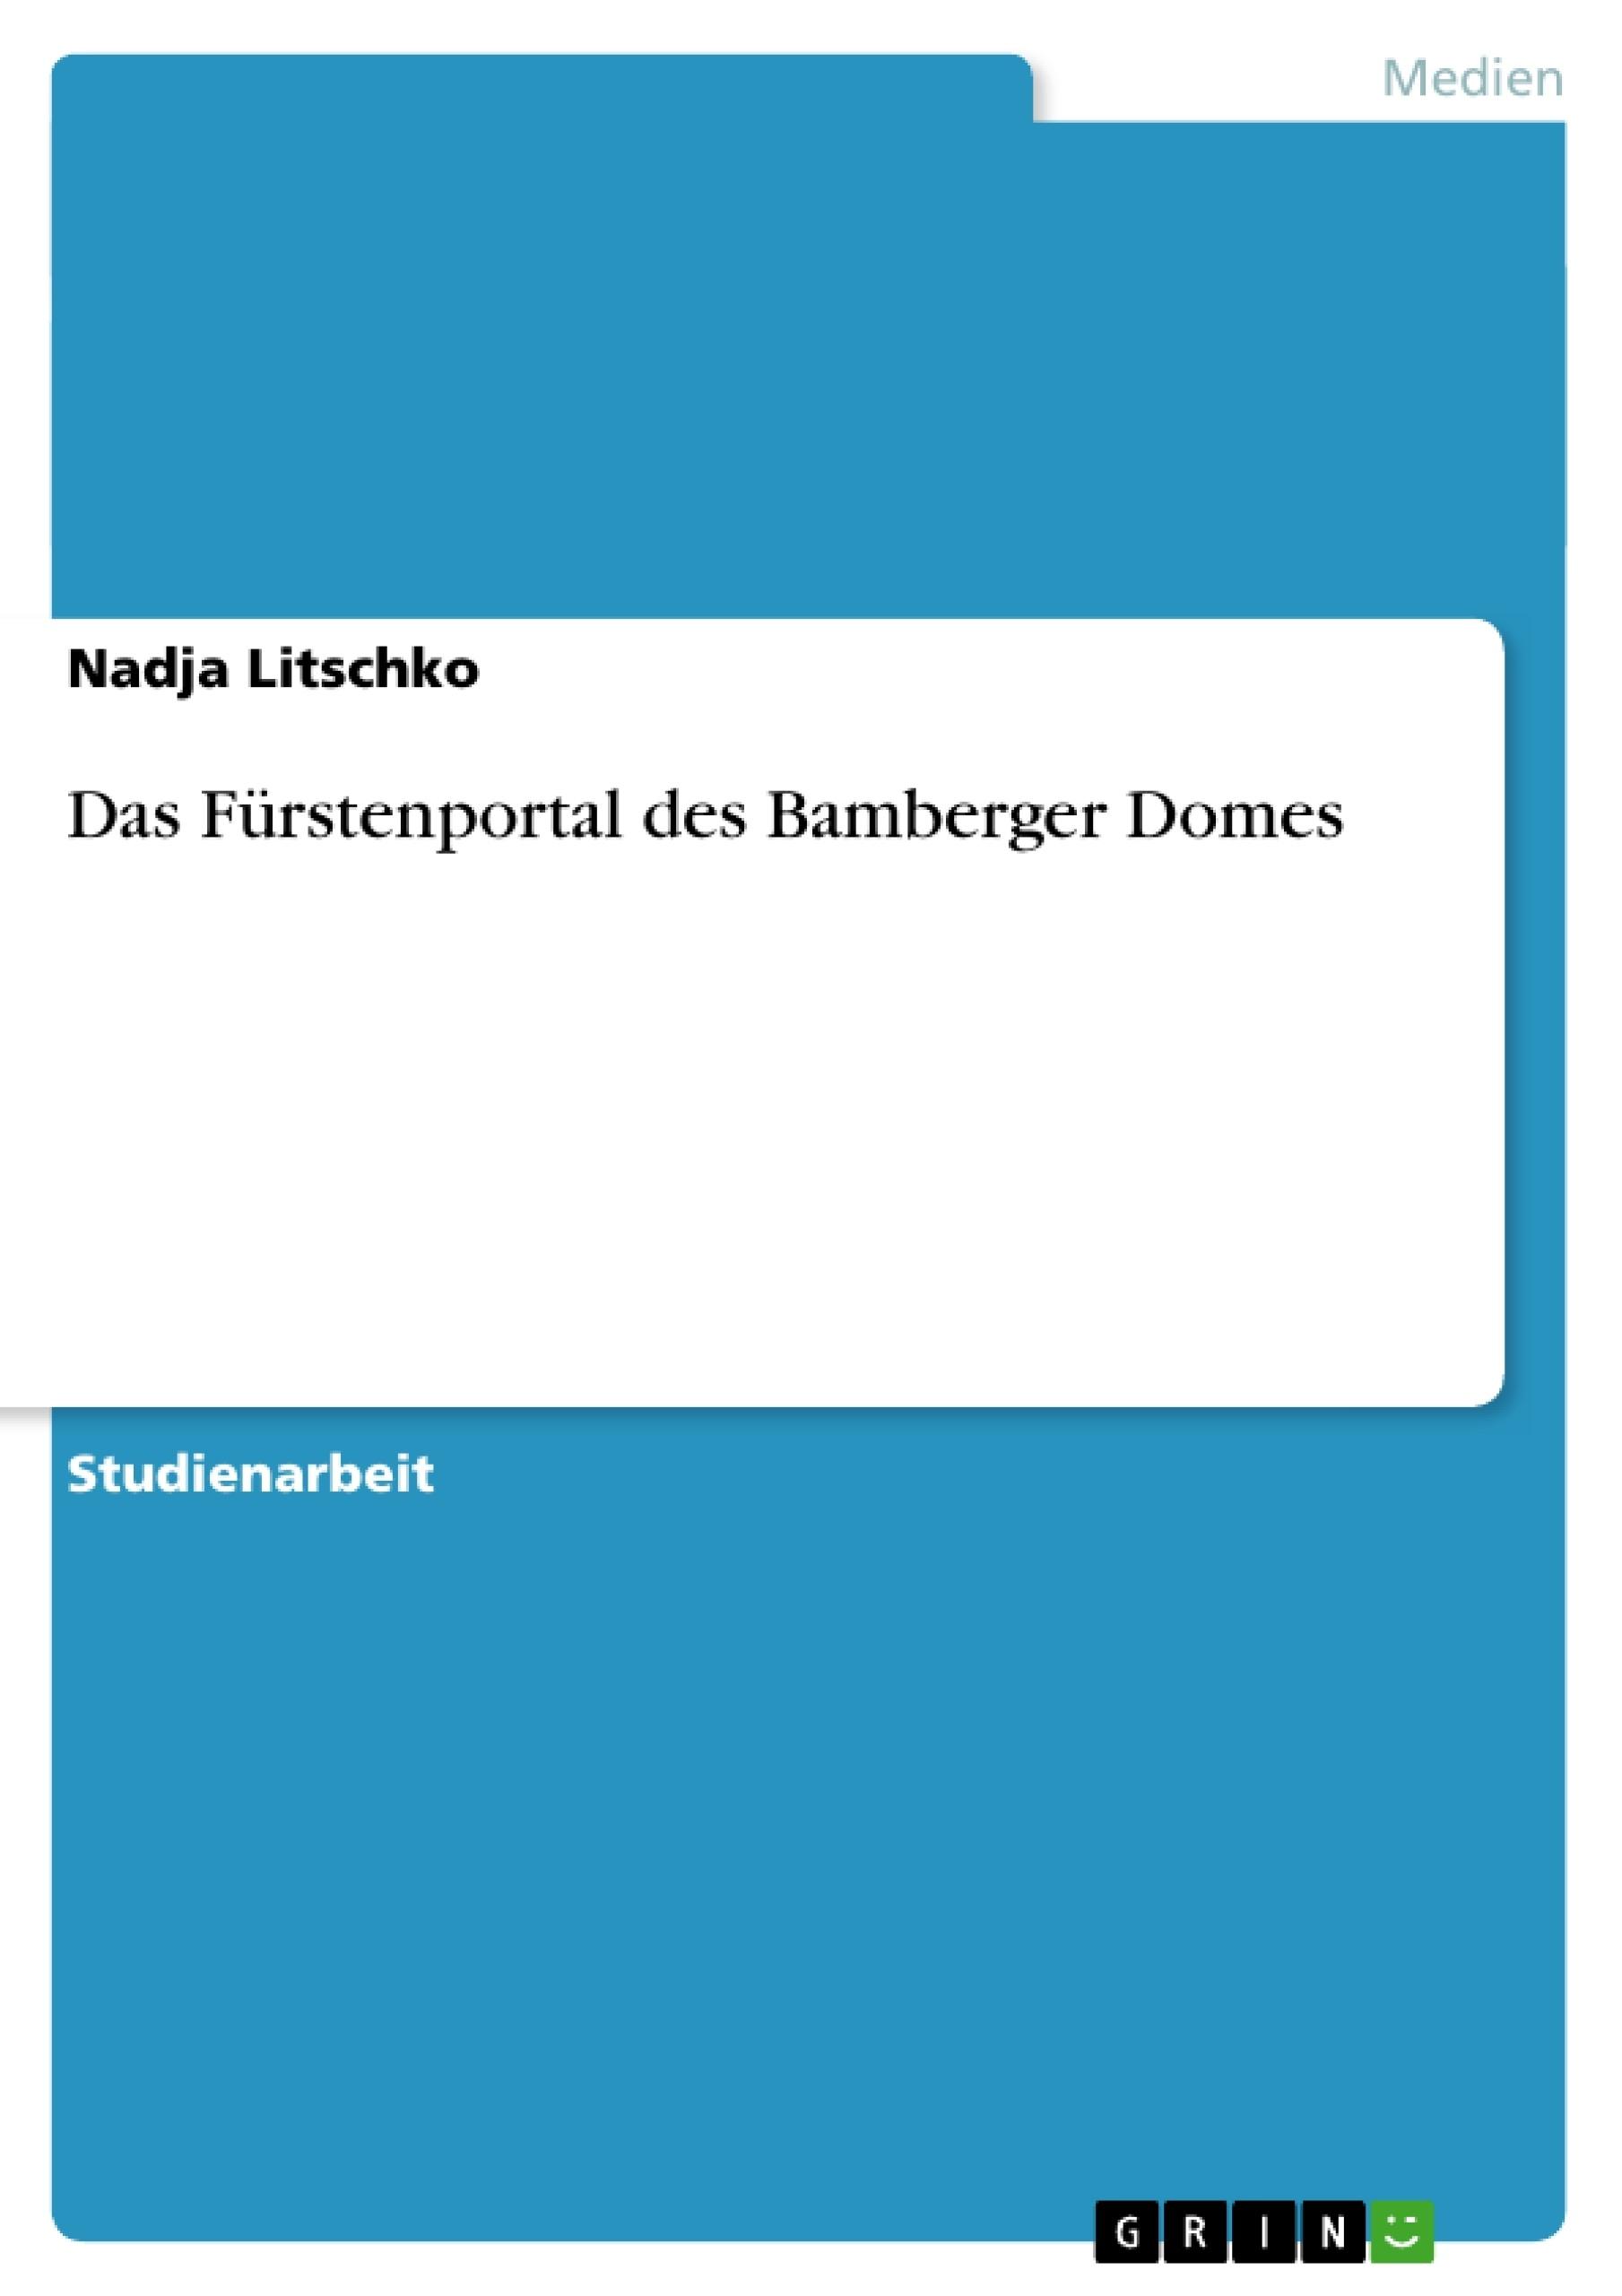 Titel: Das Fürstenportal des Bamberger Domes